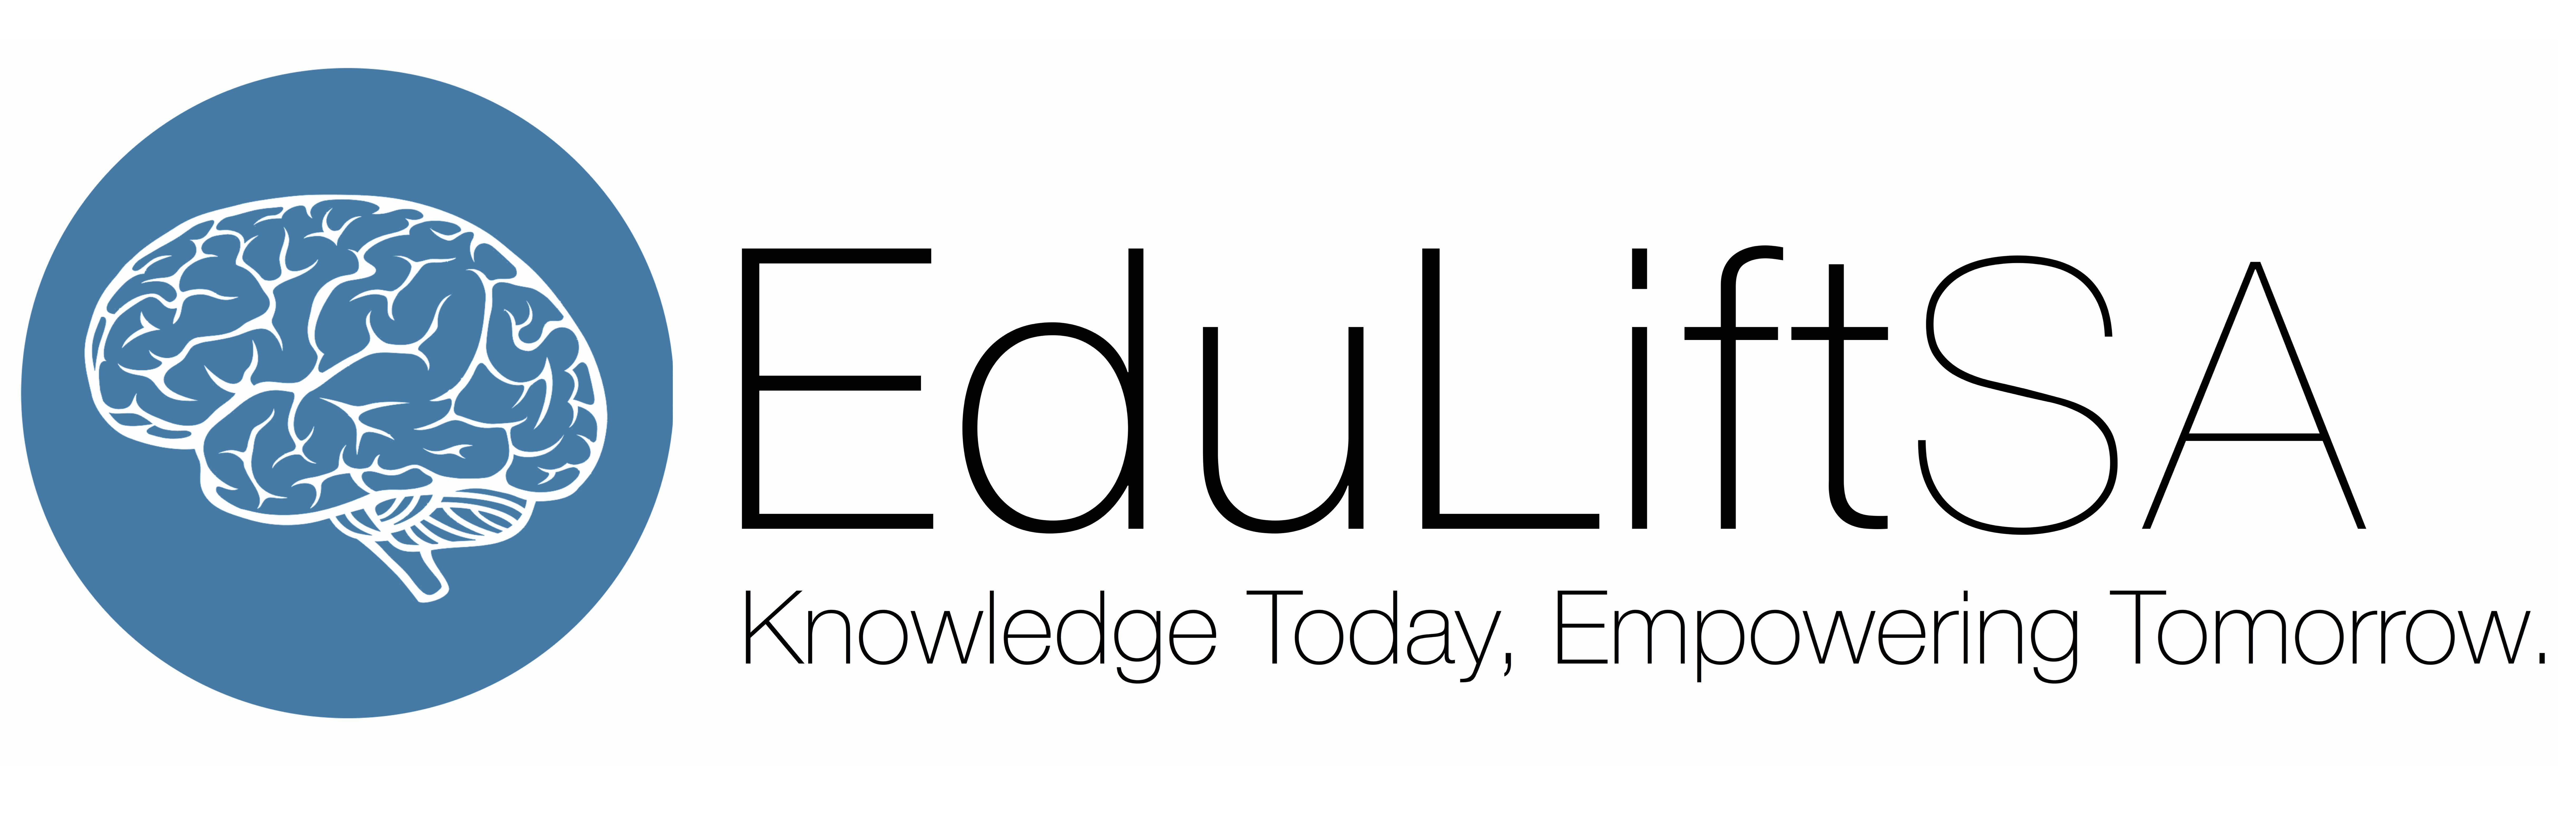 EduLift SA